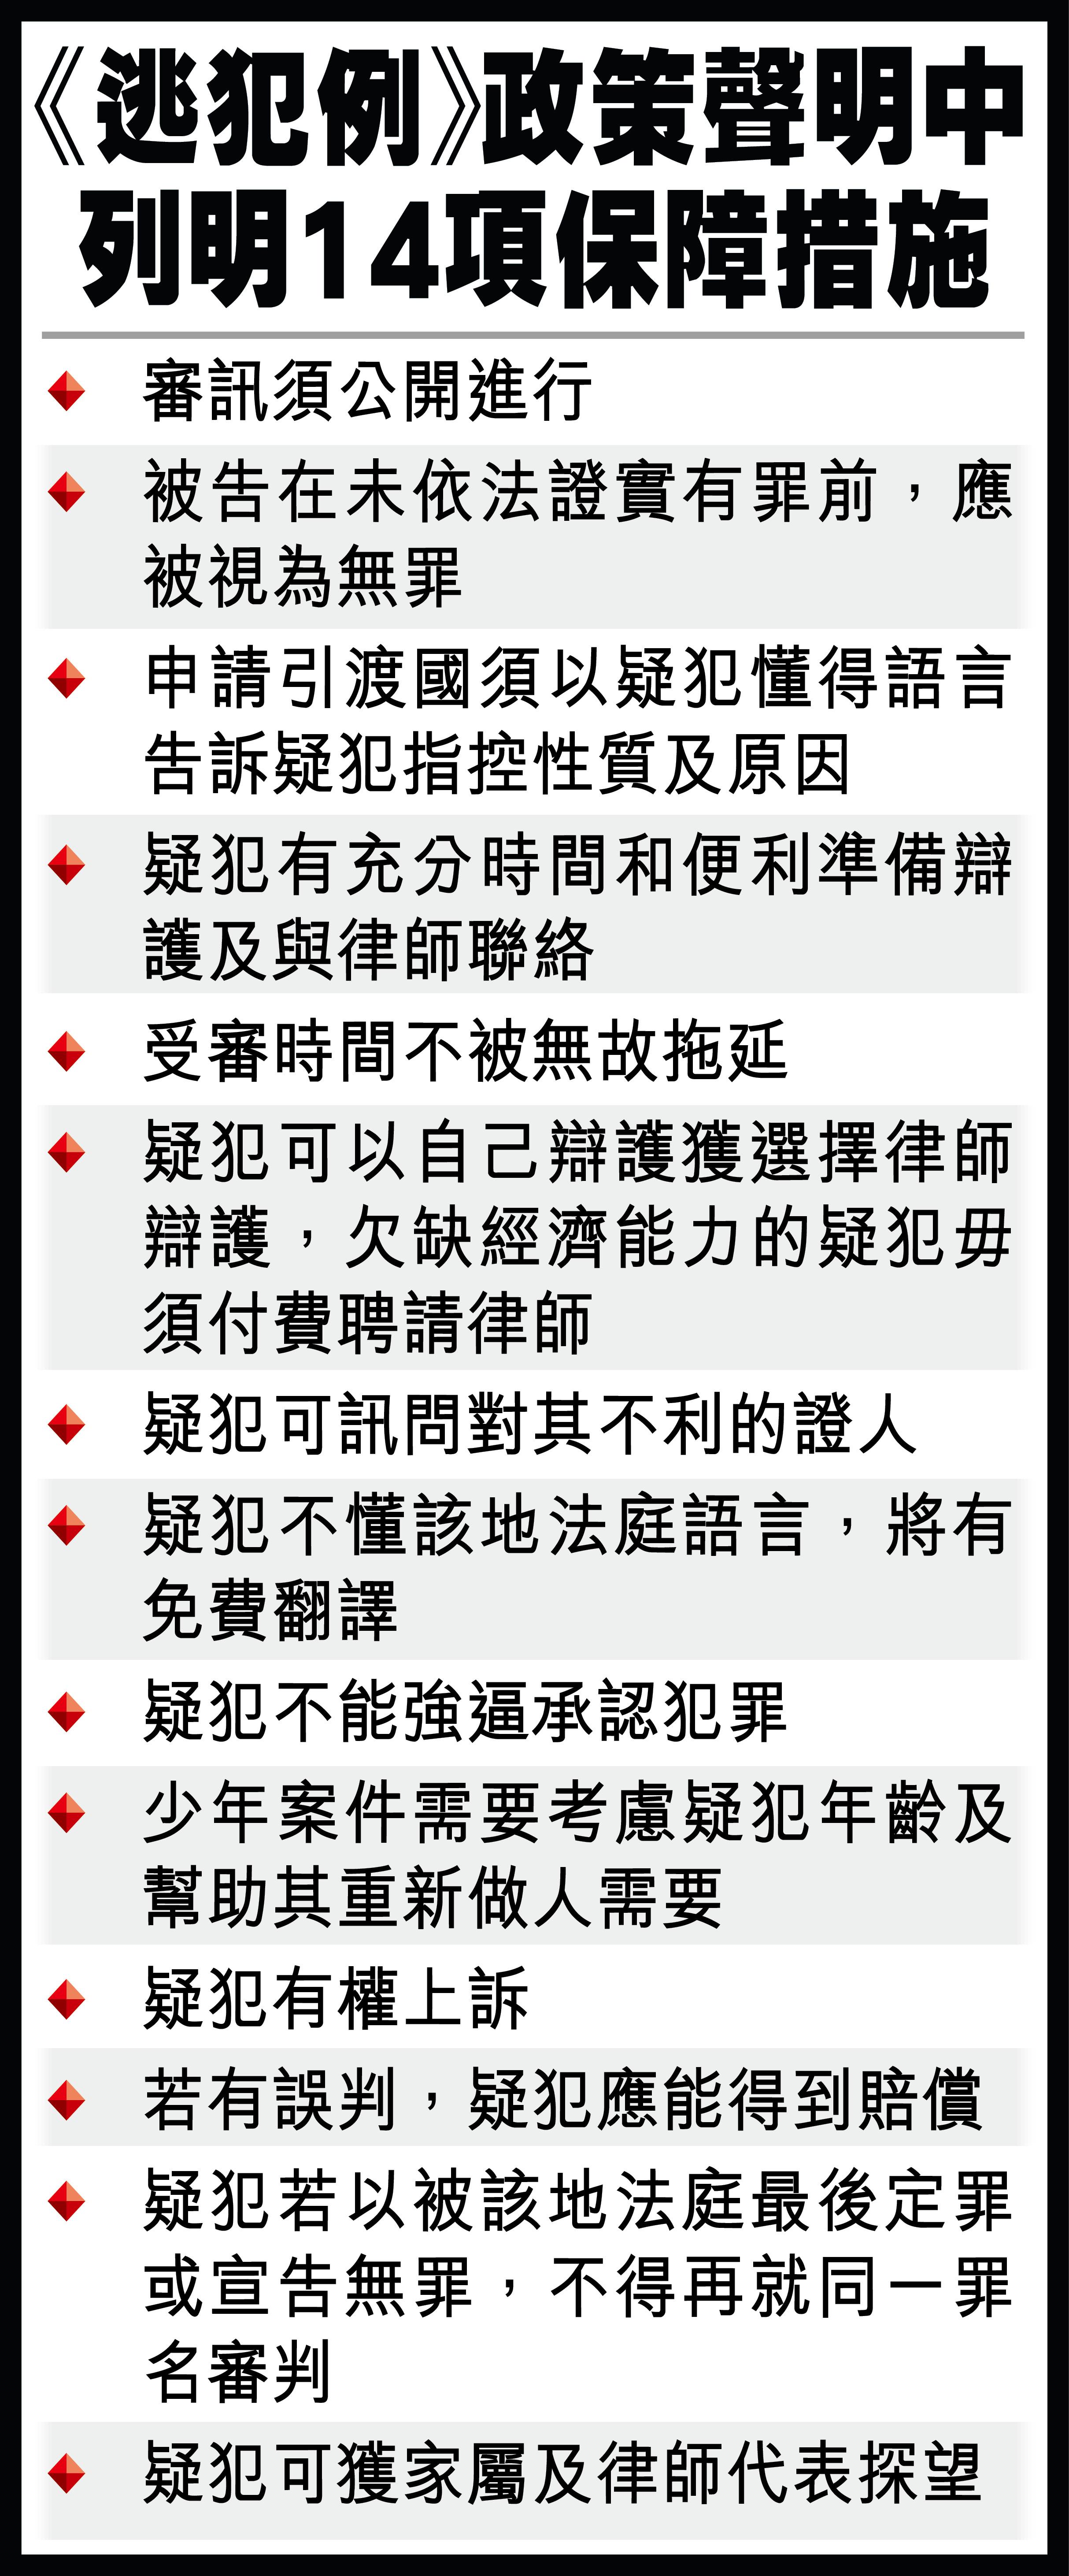 《逃犯例》政策聲明中 列明14項保障措施